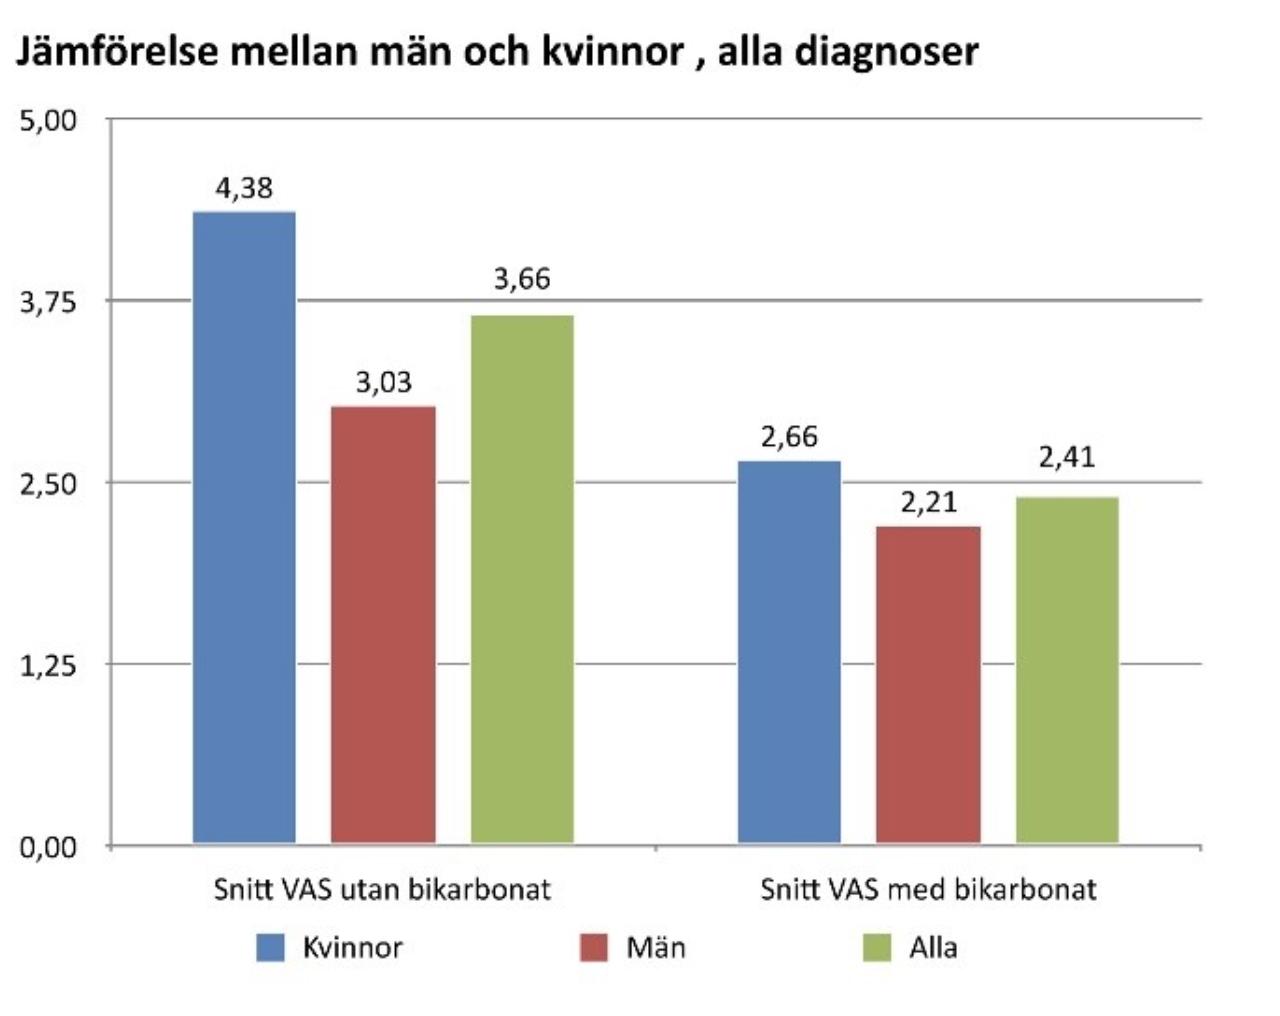 alla diagnoser buffring studie